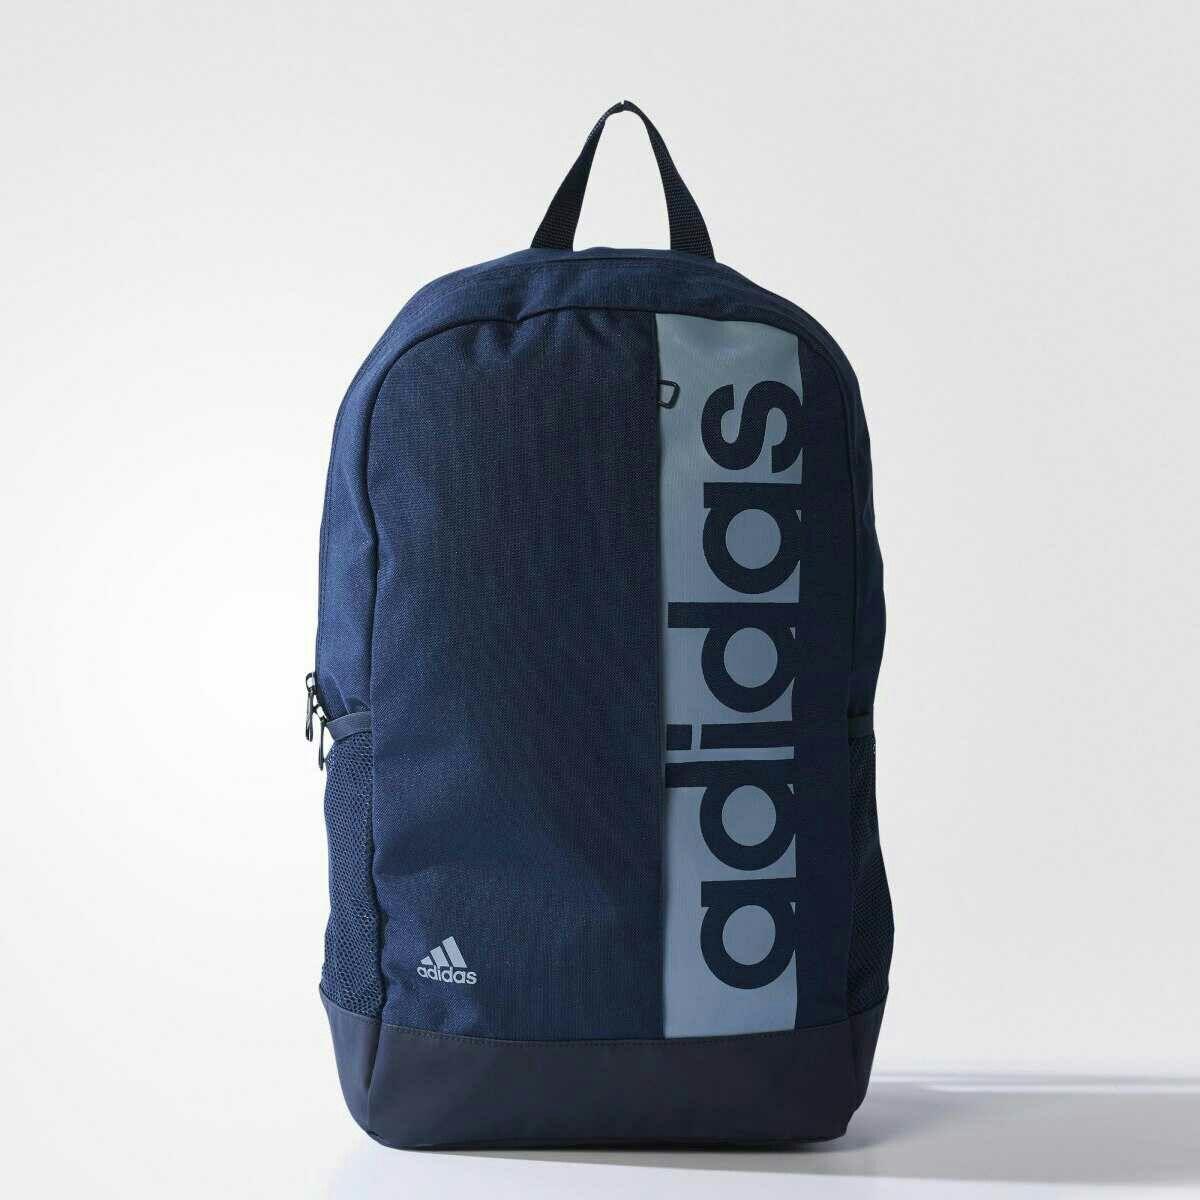 retorta Post impresionismo Ejercicio mañanero  https://articulo.mercadolibre.com.ar/MLA-635579947-mochila-adidas-performance-de-hombre-original-_JM  | Designer backpacks, Backpacks, Gym bag